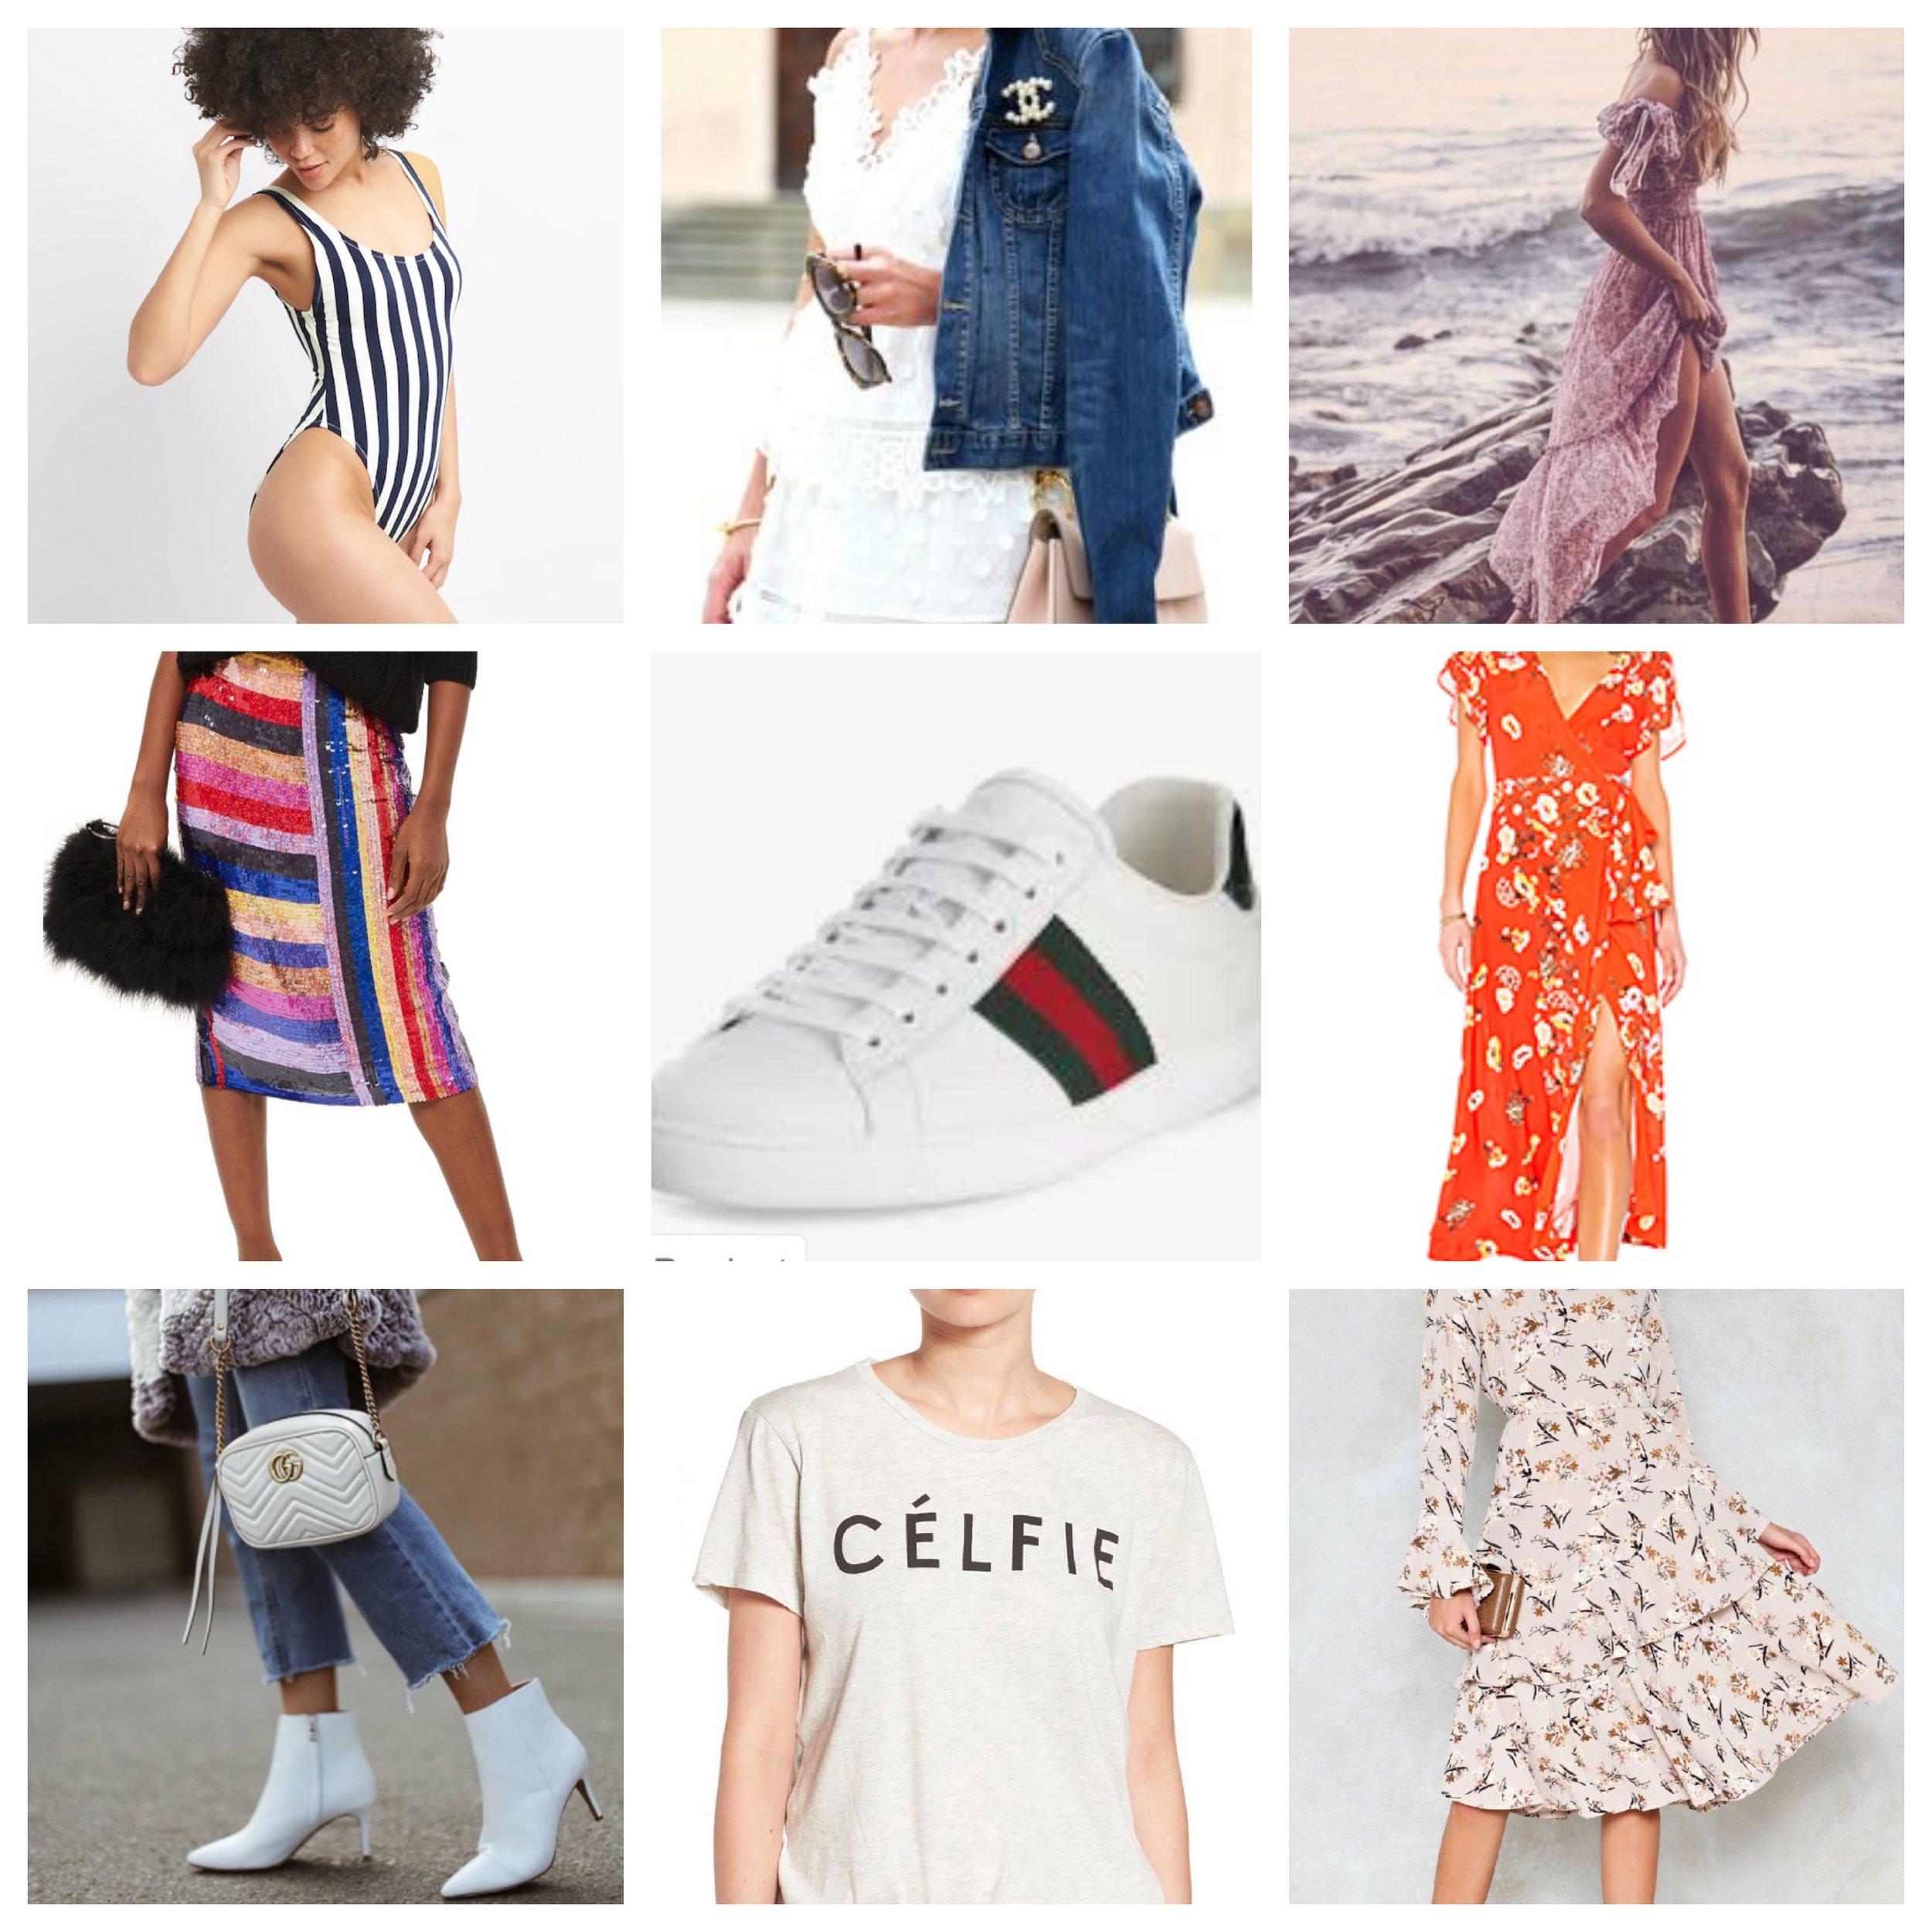 Summer Fashion Collage.jpg